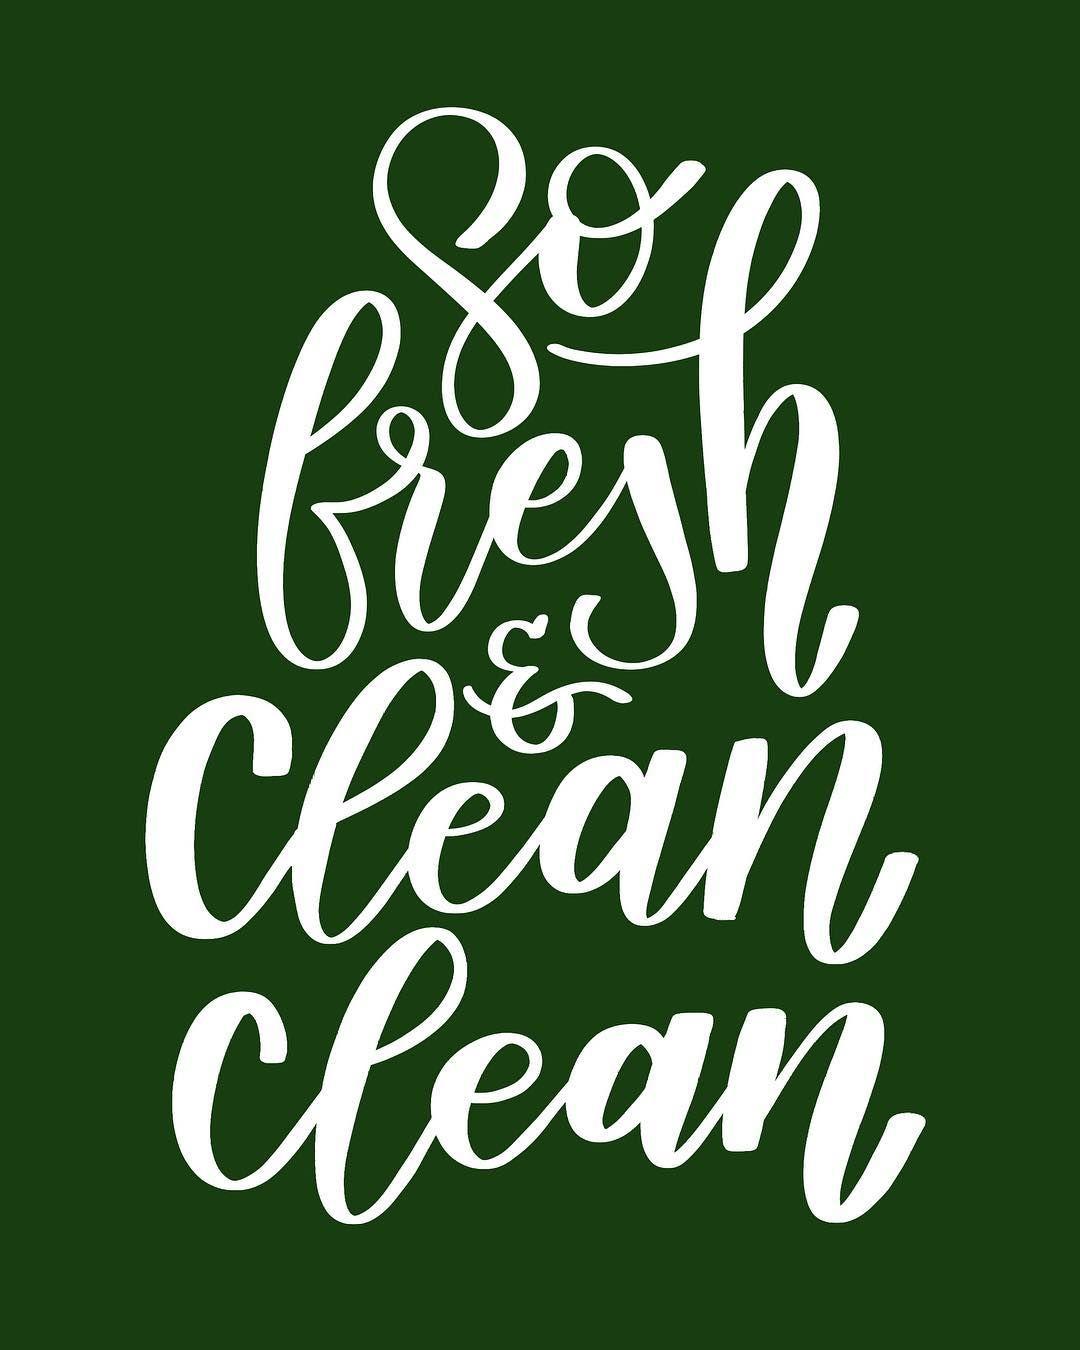 So Fresh And Clean Clean Fresh And Clean Cleaning Lettering Design